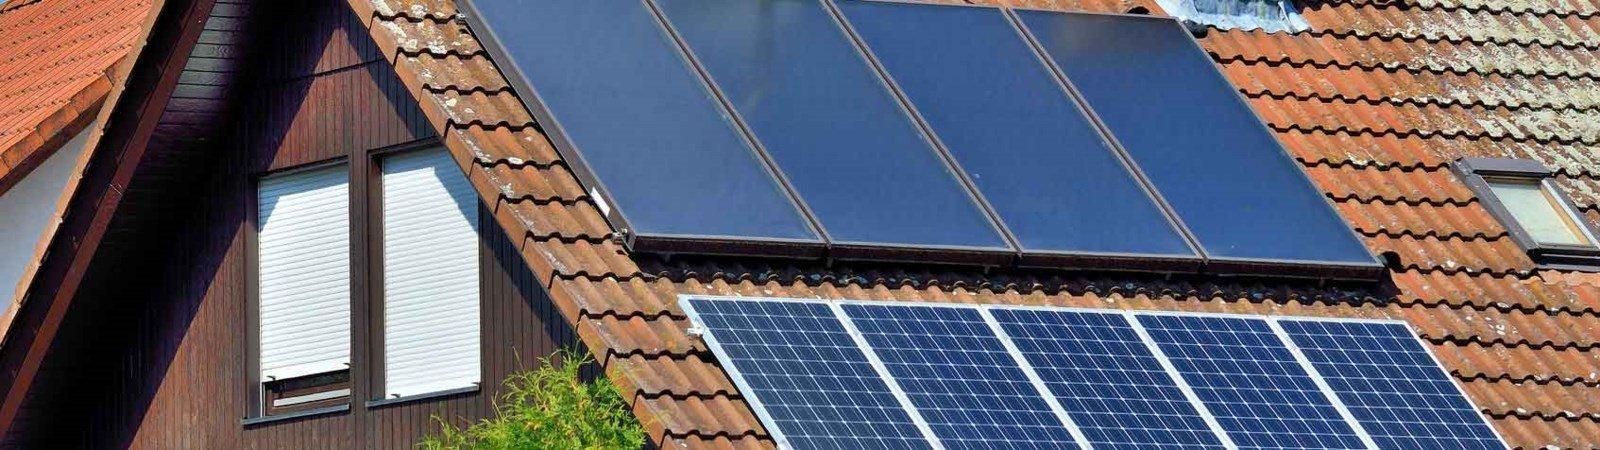 Solaranlagen installieren: Solarthermie & Photovoltaik